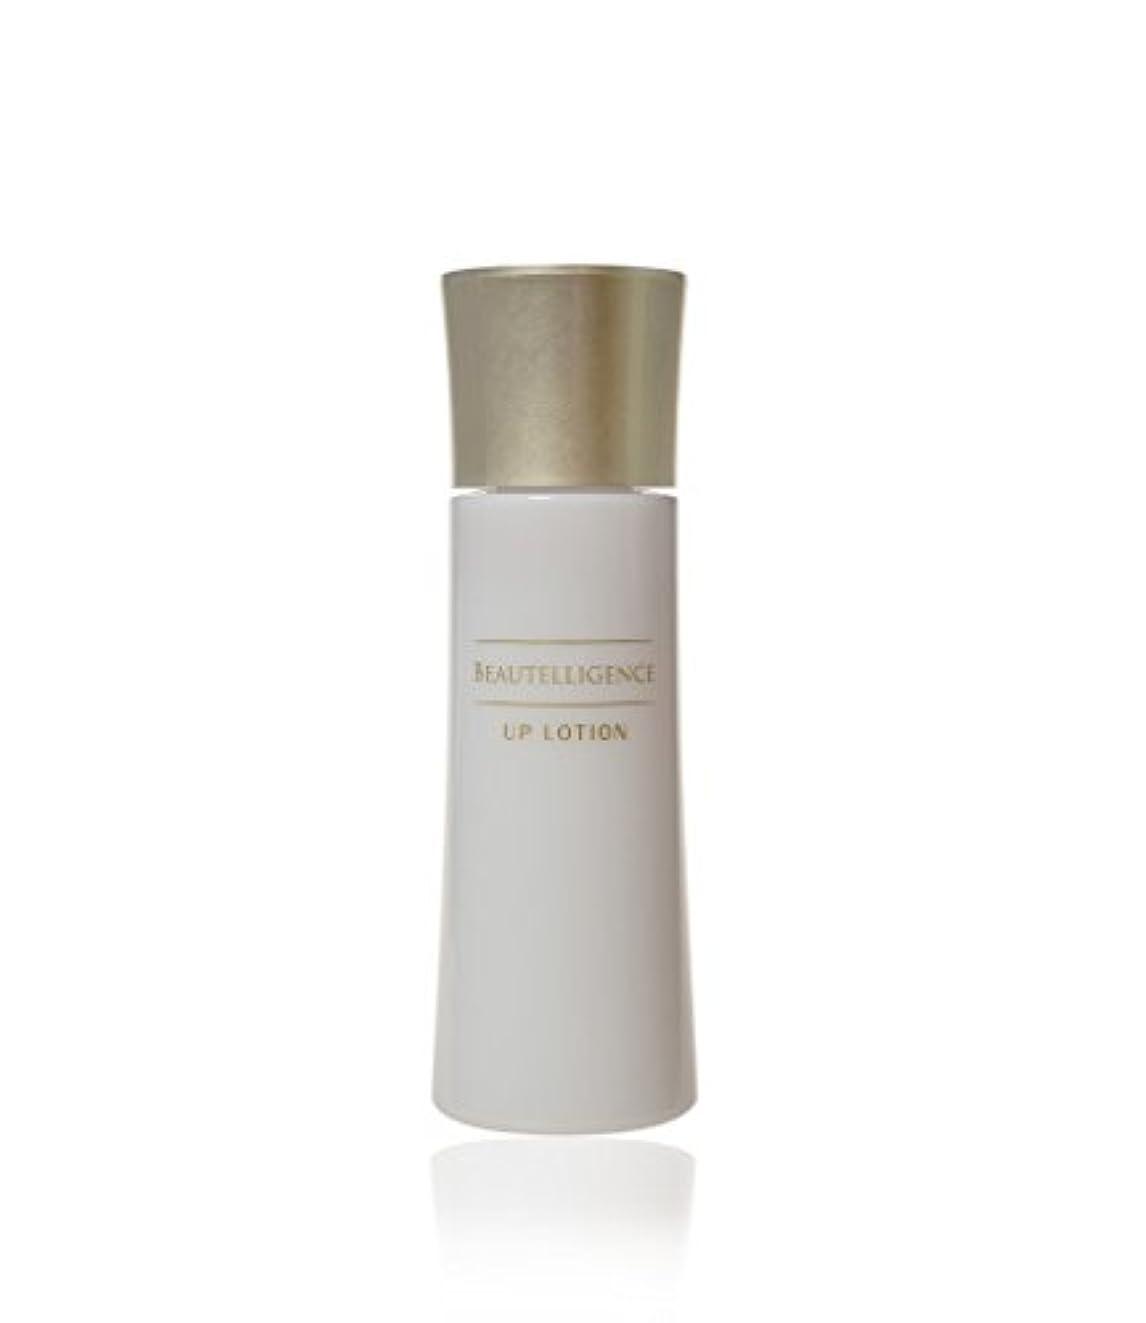 置くためにパック汚染された写真の[ アップローション ] ひきしめ 化粧水 美容液 ハリ NEWA オシリフト グリシルグリシン エイジングケア